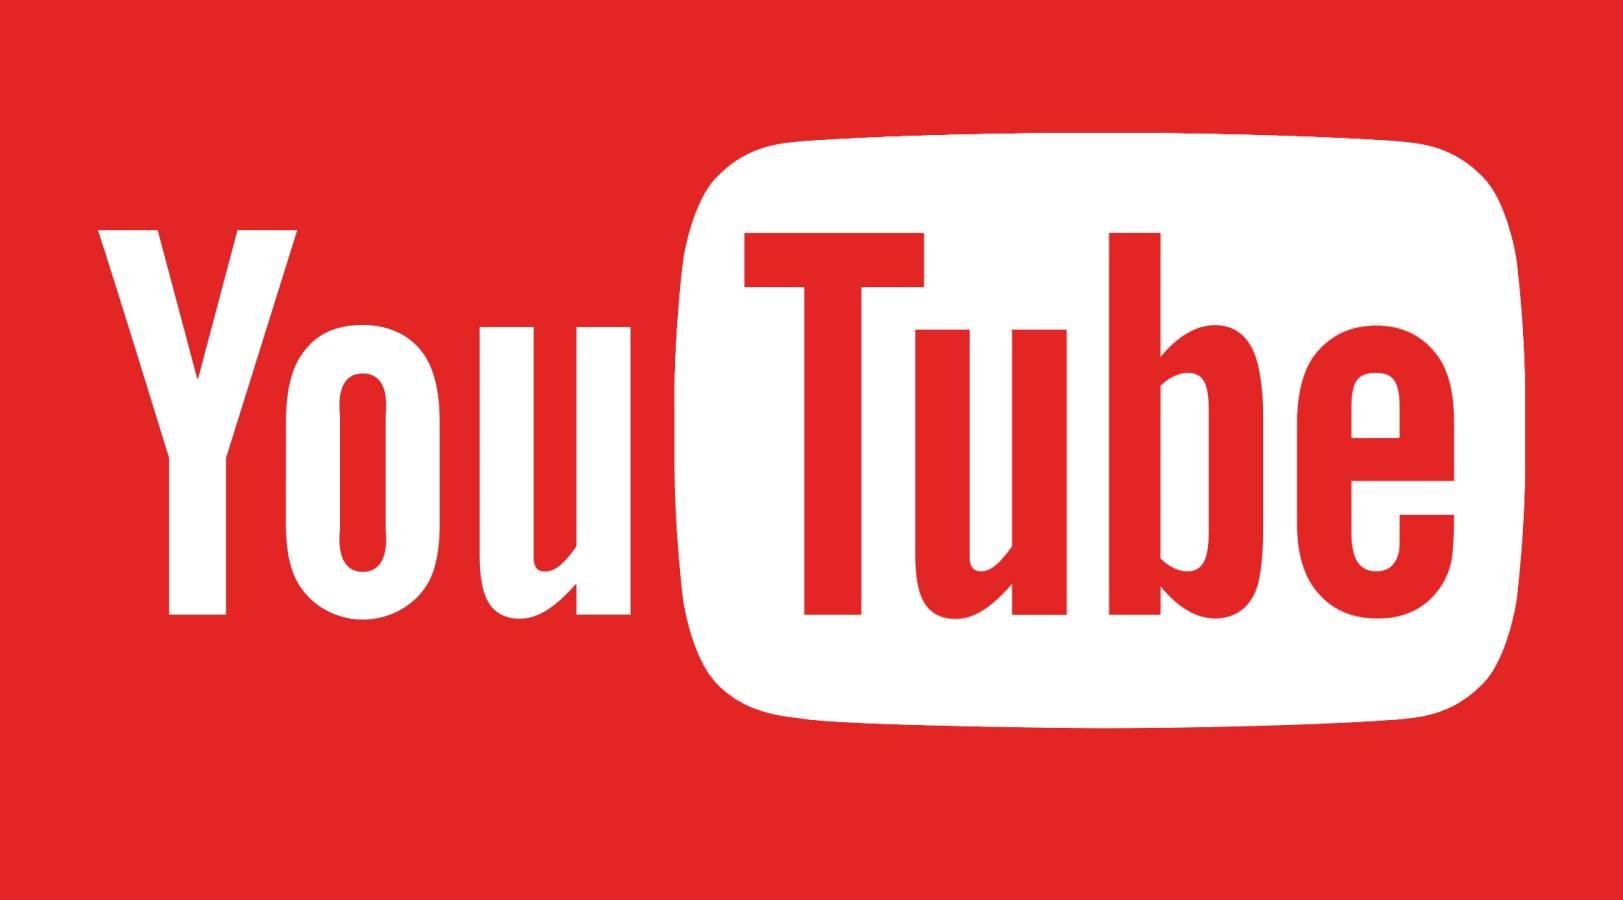 YouTube Actualizarea Noutatile Oferite Telefoane Tablete